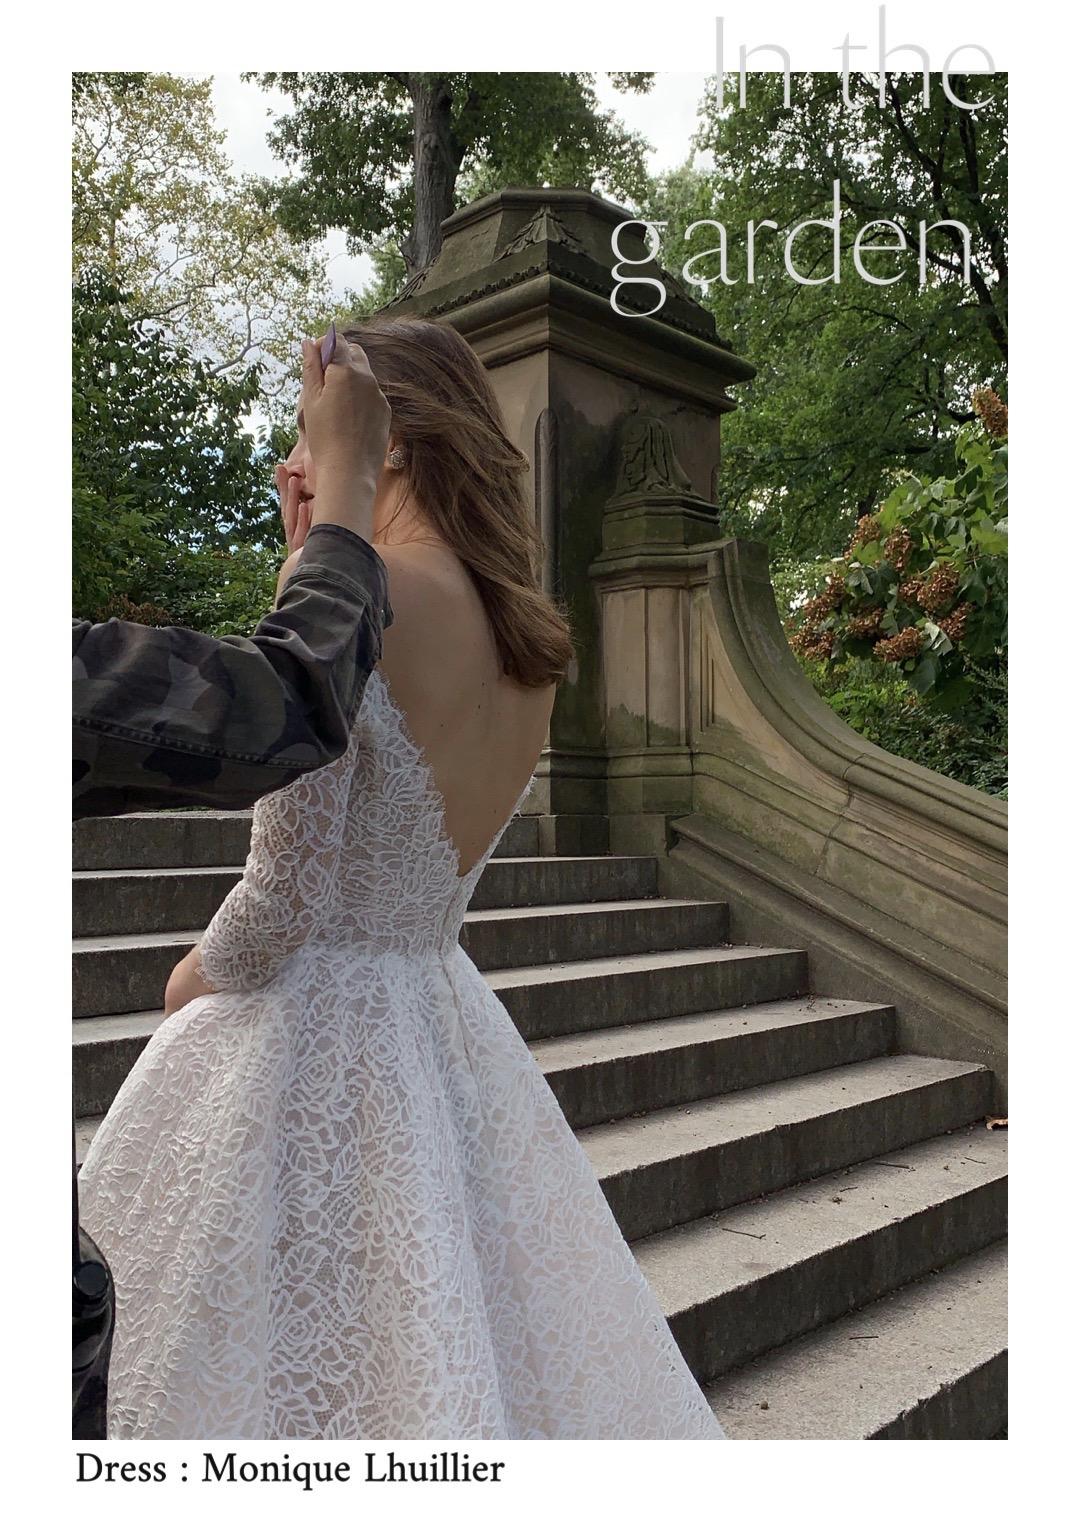 ザトリートドレッシングが取り扱う Monique Lhuillierモニーク・ルイリエの新作ドレス。